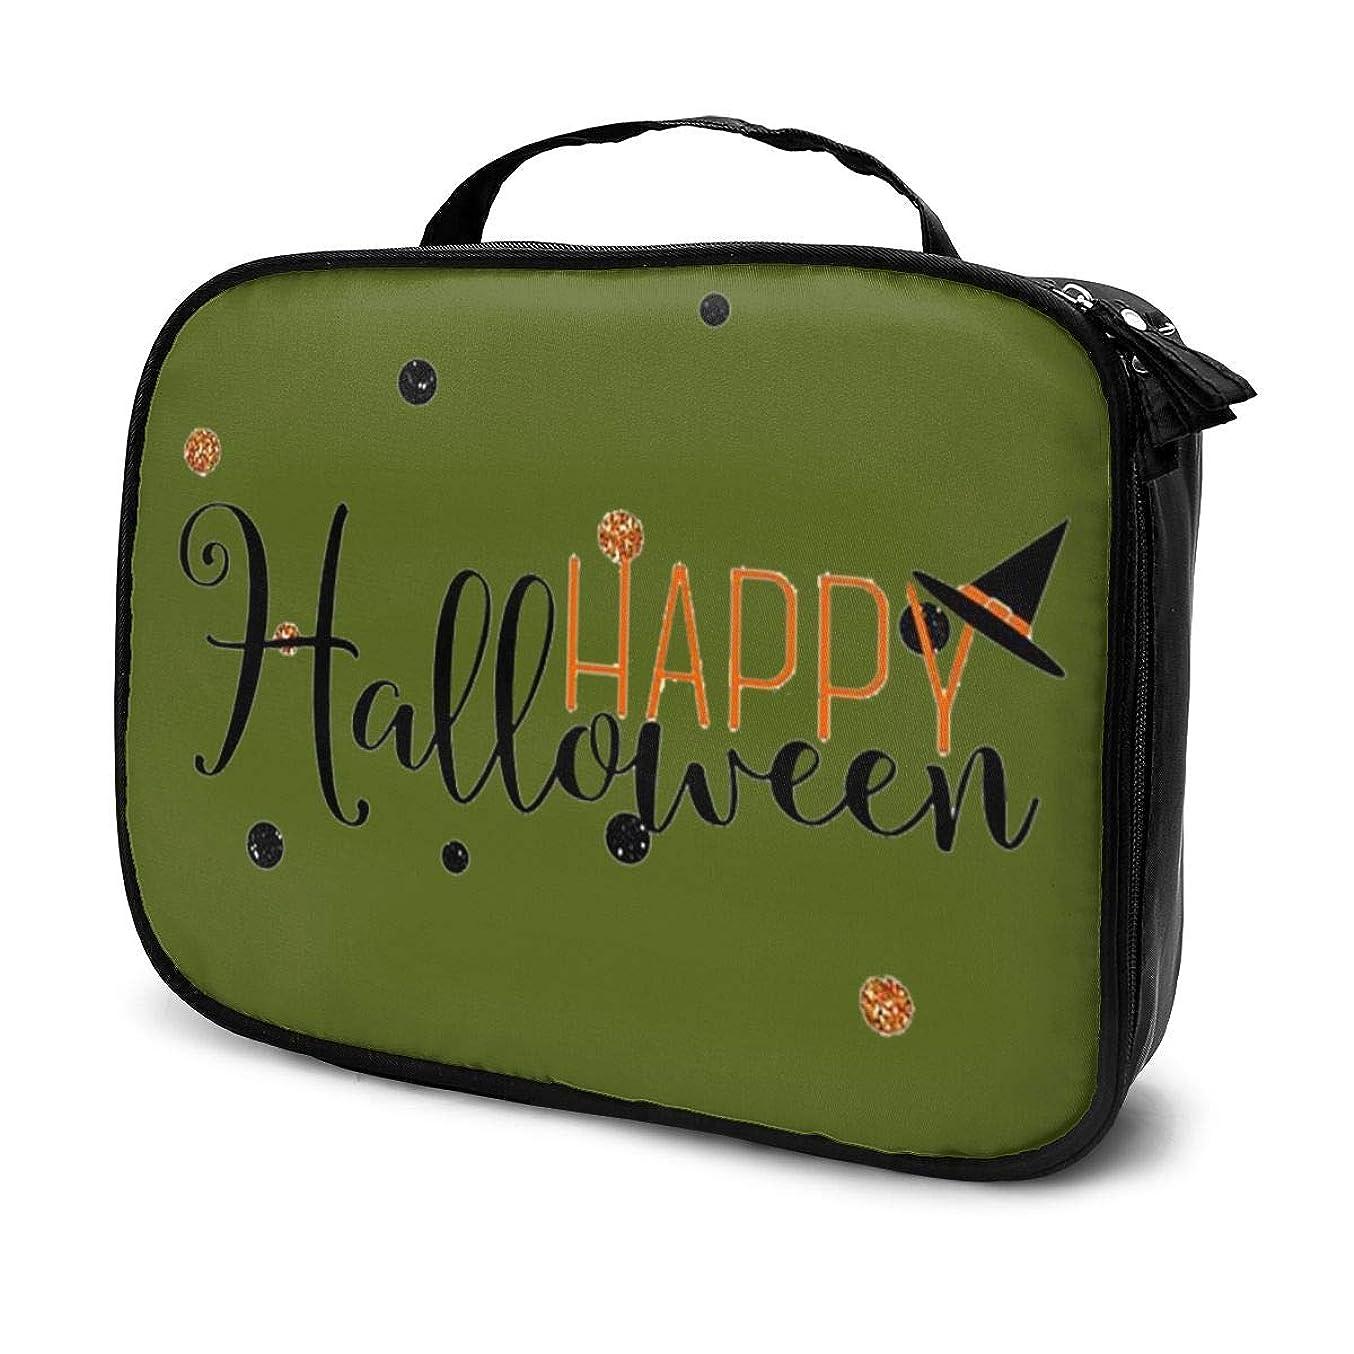 ペルセウスしみデンプシー収納袋ハッピーハロウィンbackgruond化粧品袋耐摩耗性軽量ポータブル高品質大容量旅行ポーチバスルームポーチ旅行小物整理約8×25×19cm